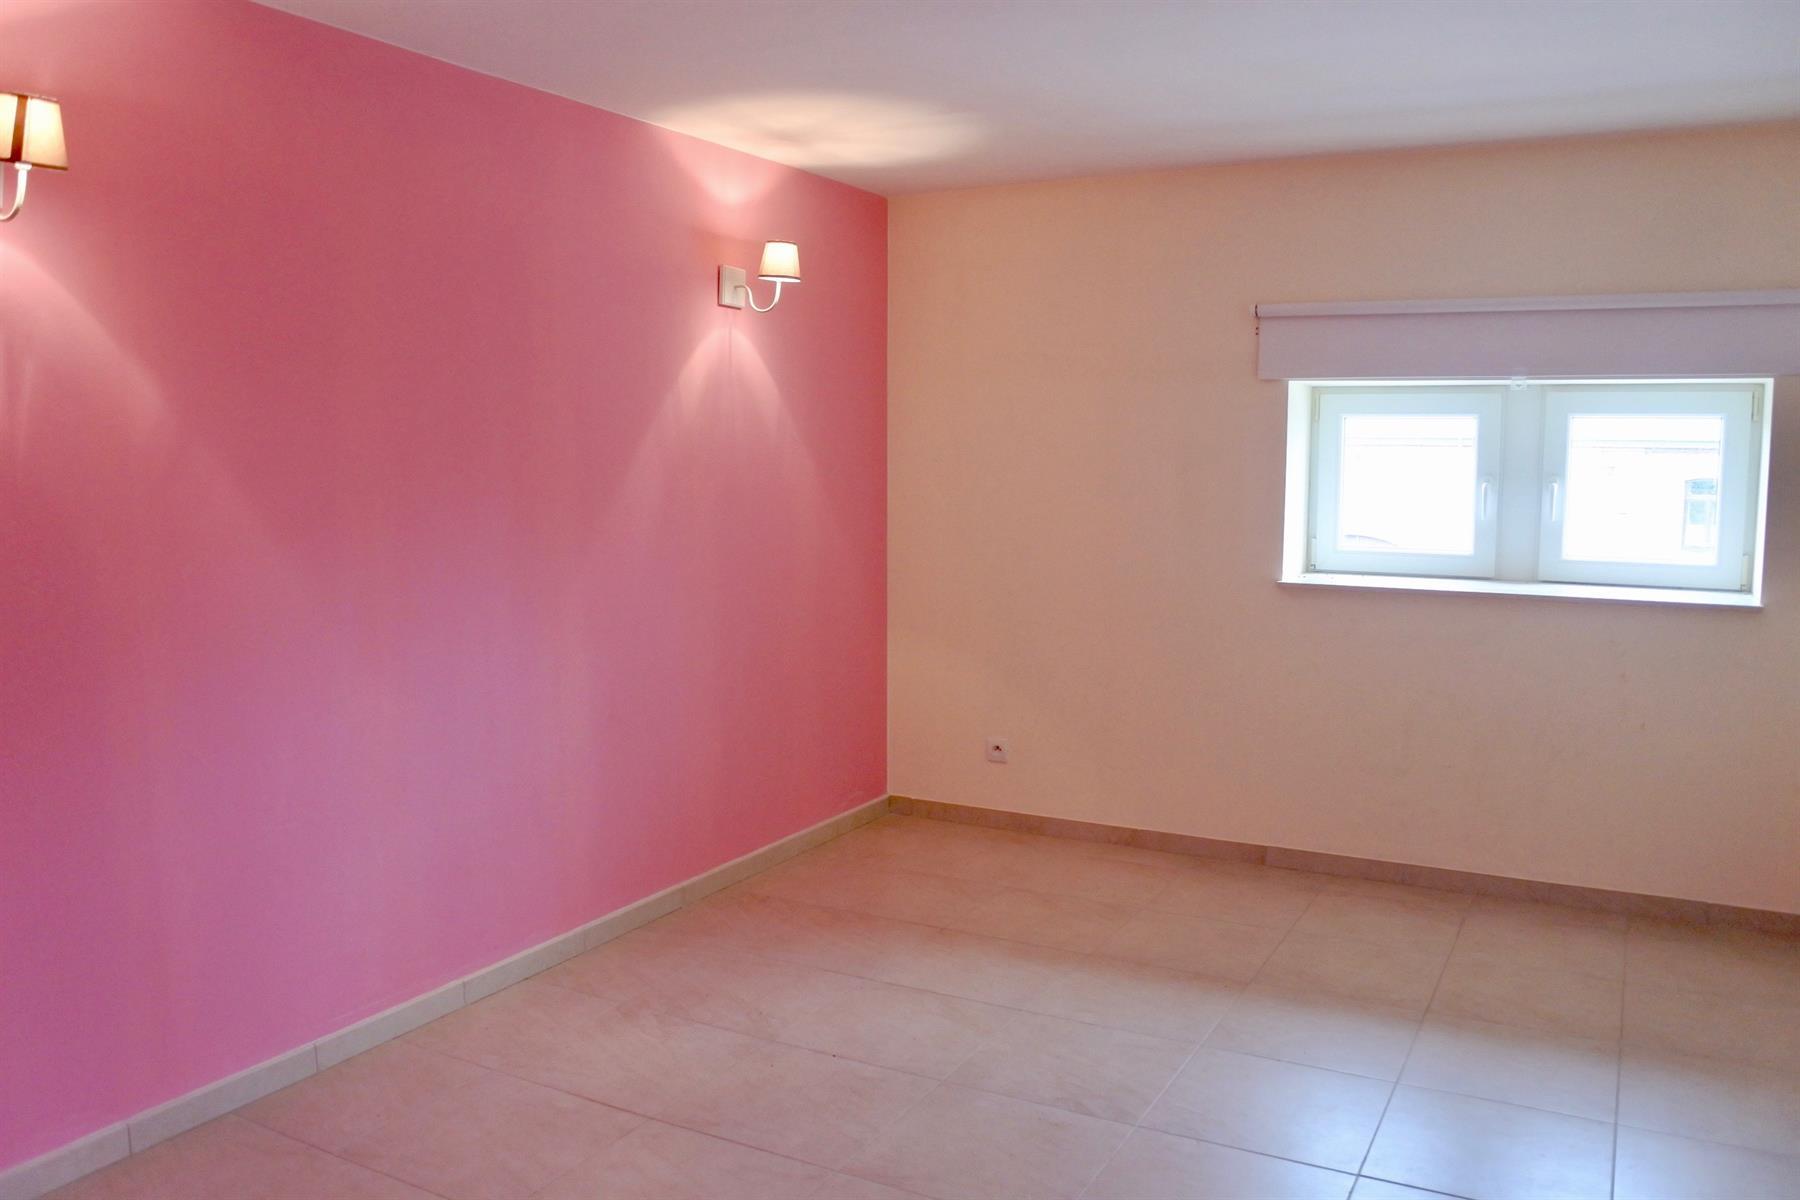 Appartement - Wellin Sohier - #3885257-12